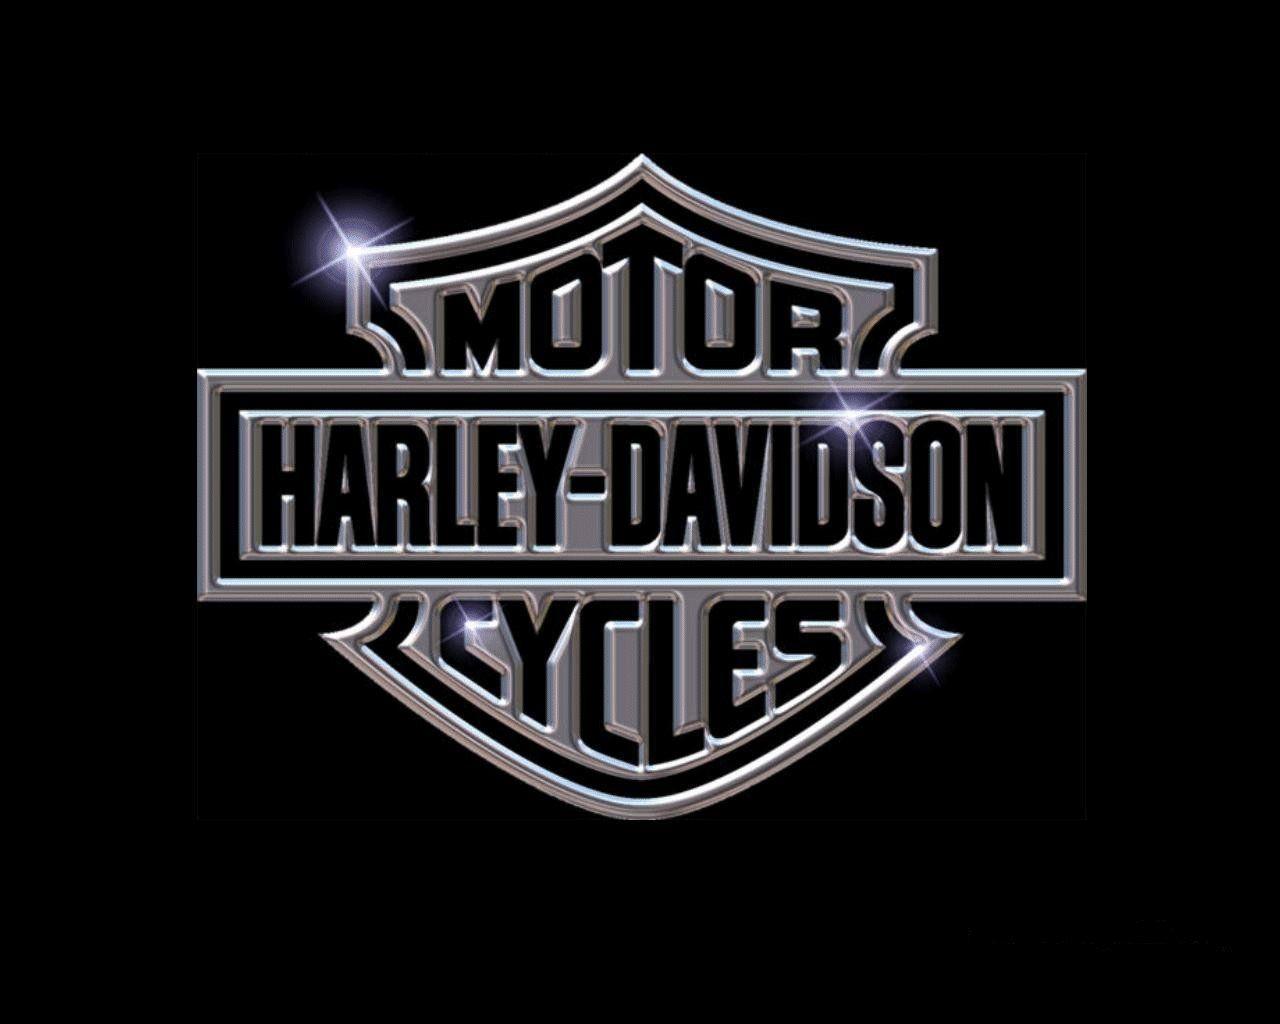 Харлей дэвидсон эмблема фото